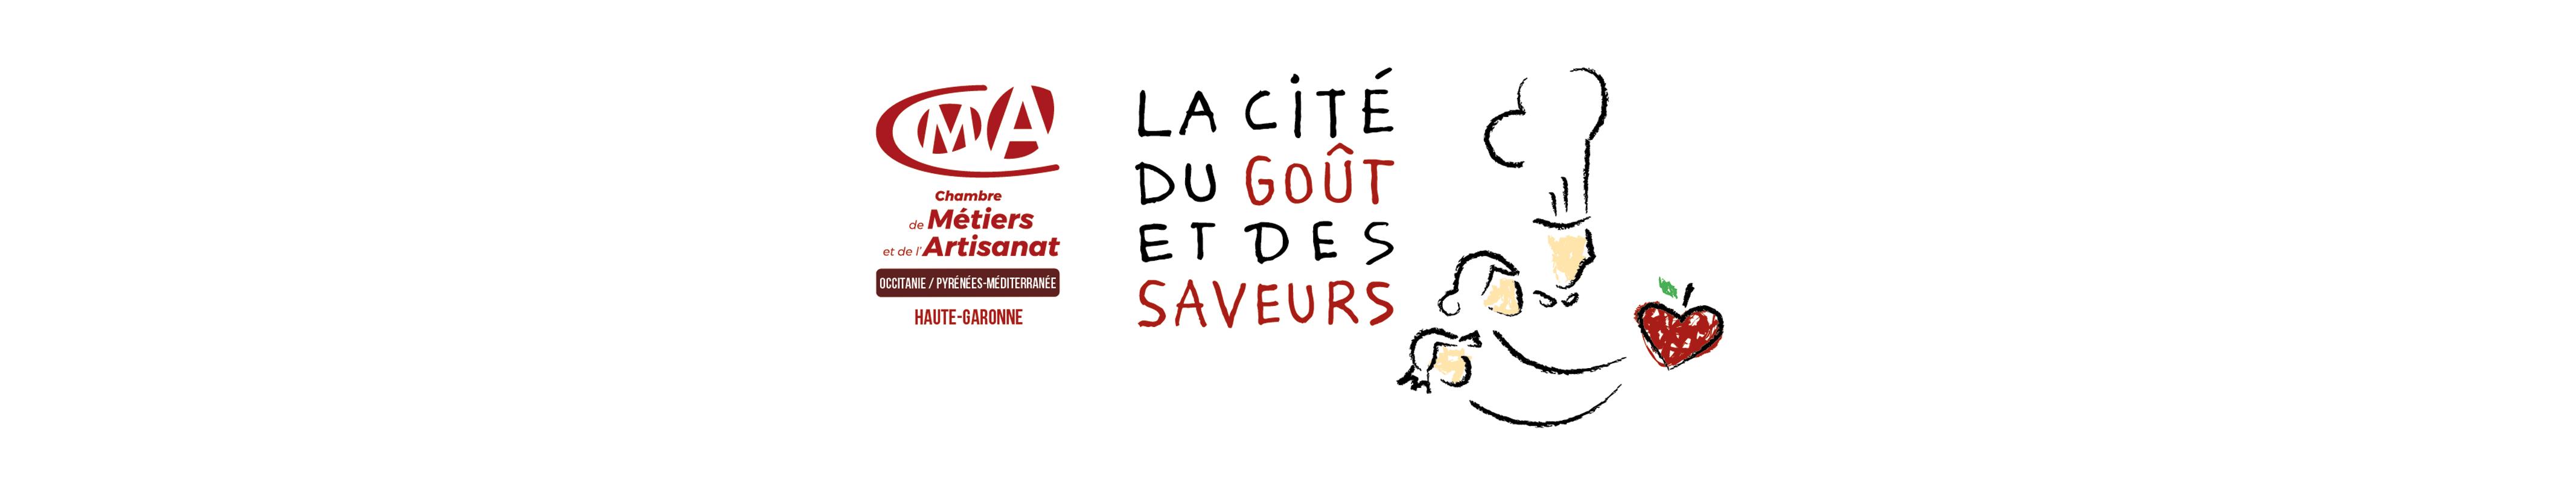 Logo de la Cité du goût et des saveurs 31